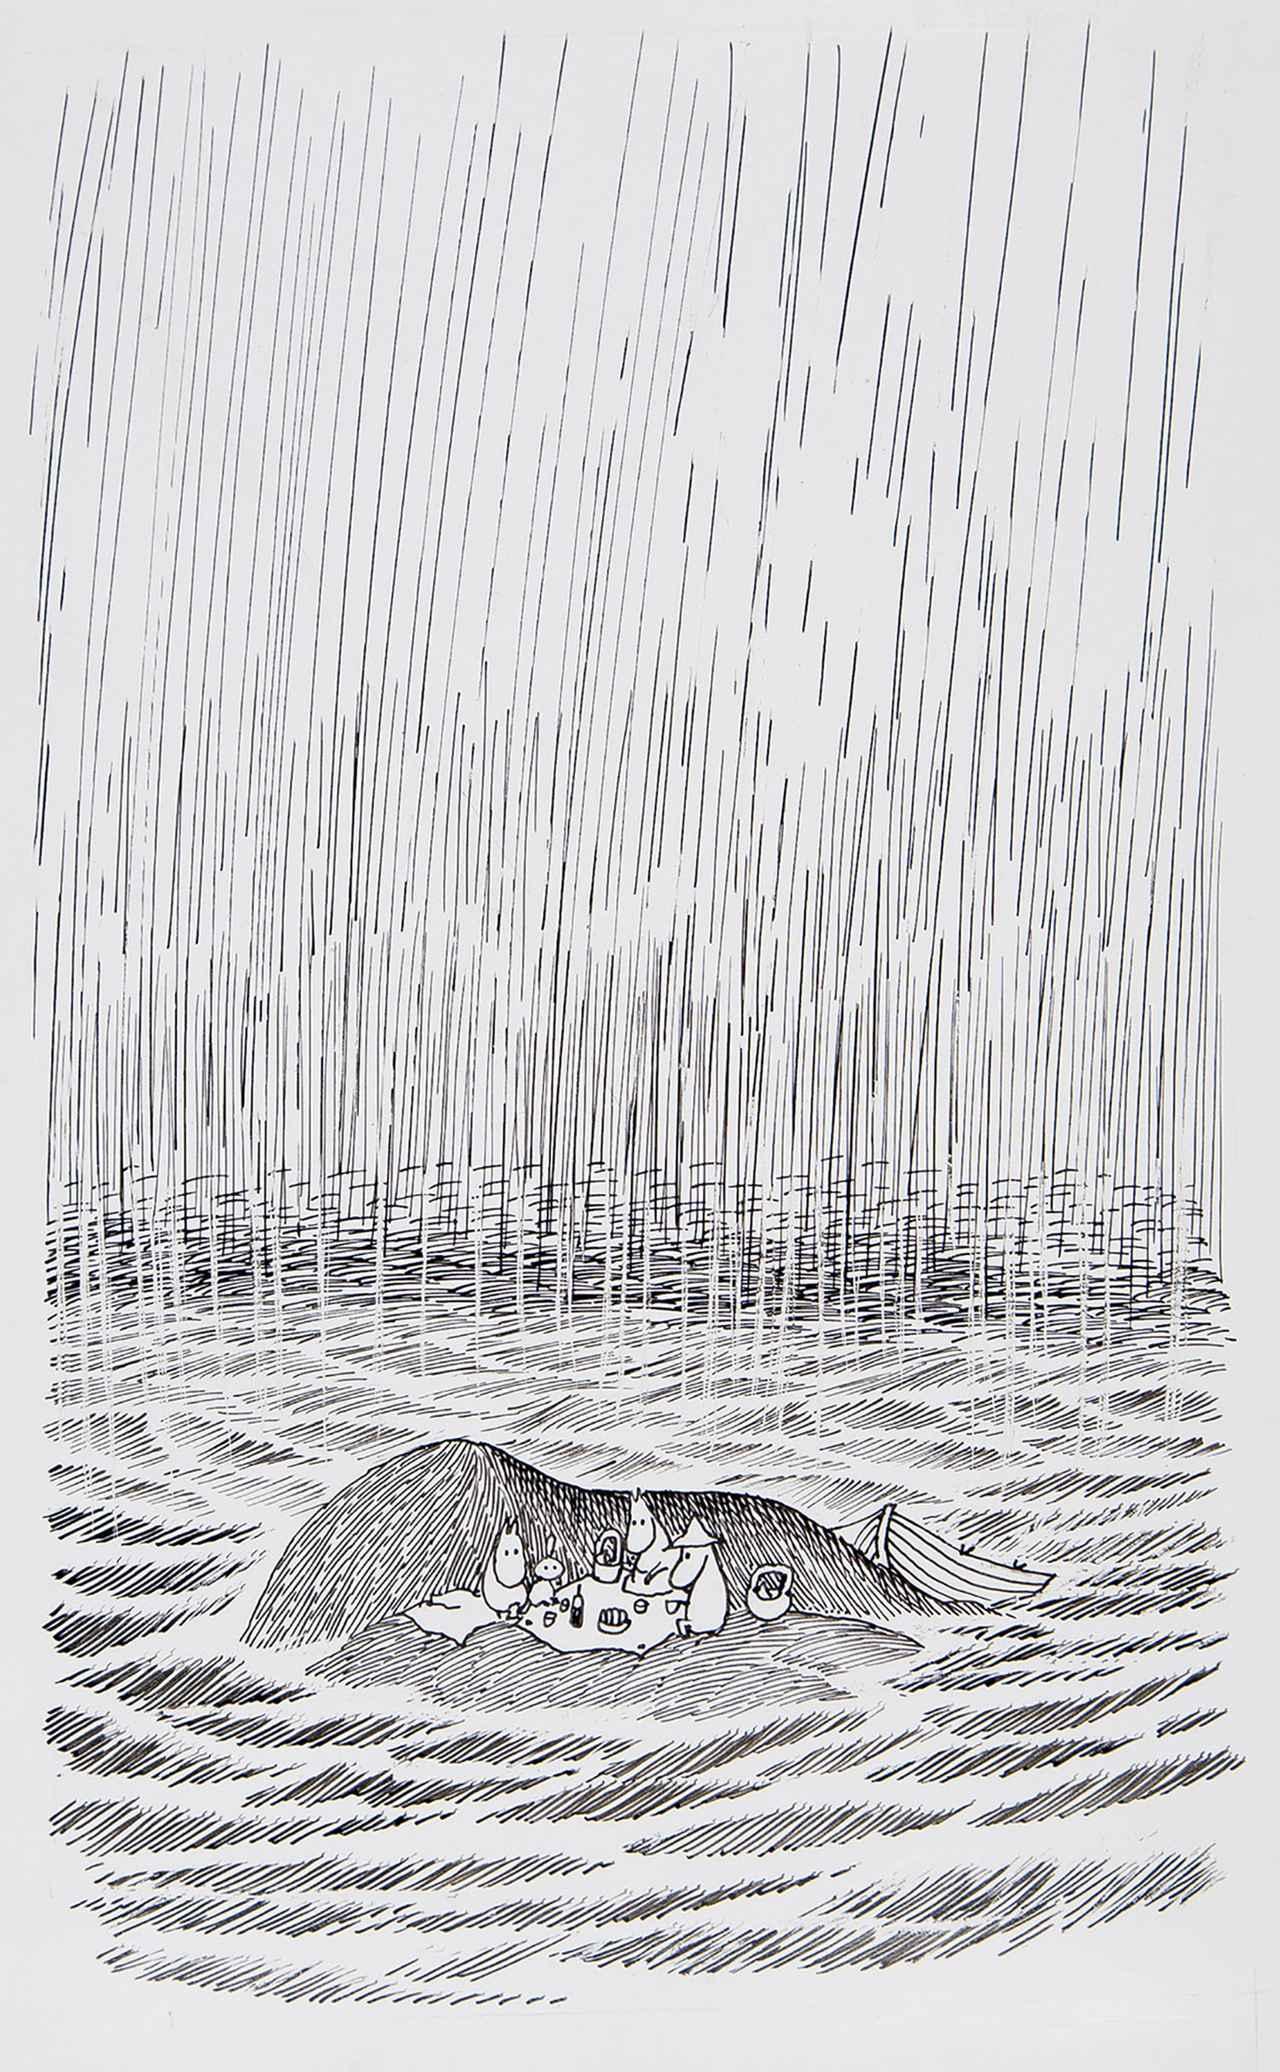 画像: トーベ・ヤンソン《「ムーミンパパ海へいく」挿絵》1965年、インク・紙 ムーミン美術館 ©Moomin Characters ™